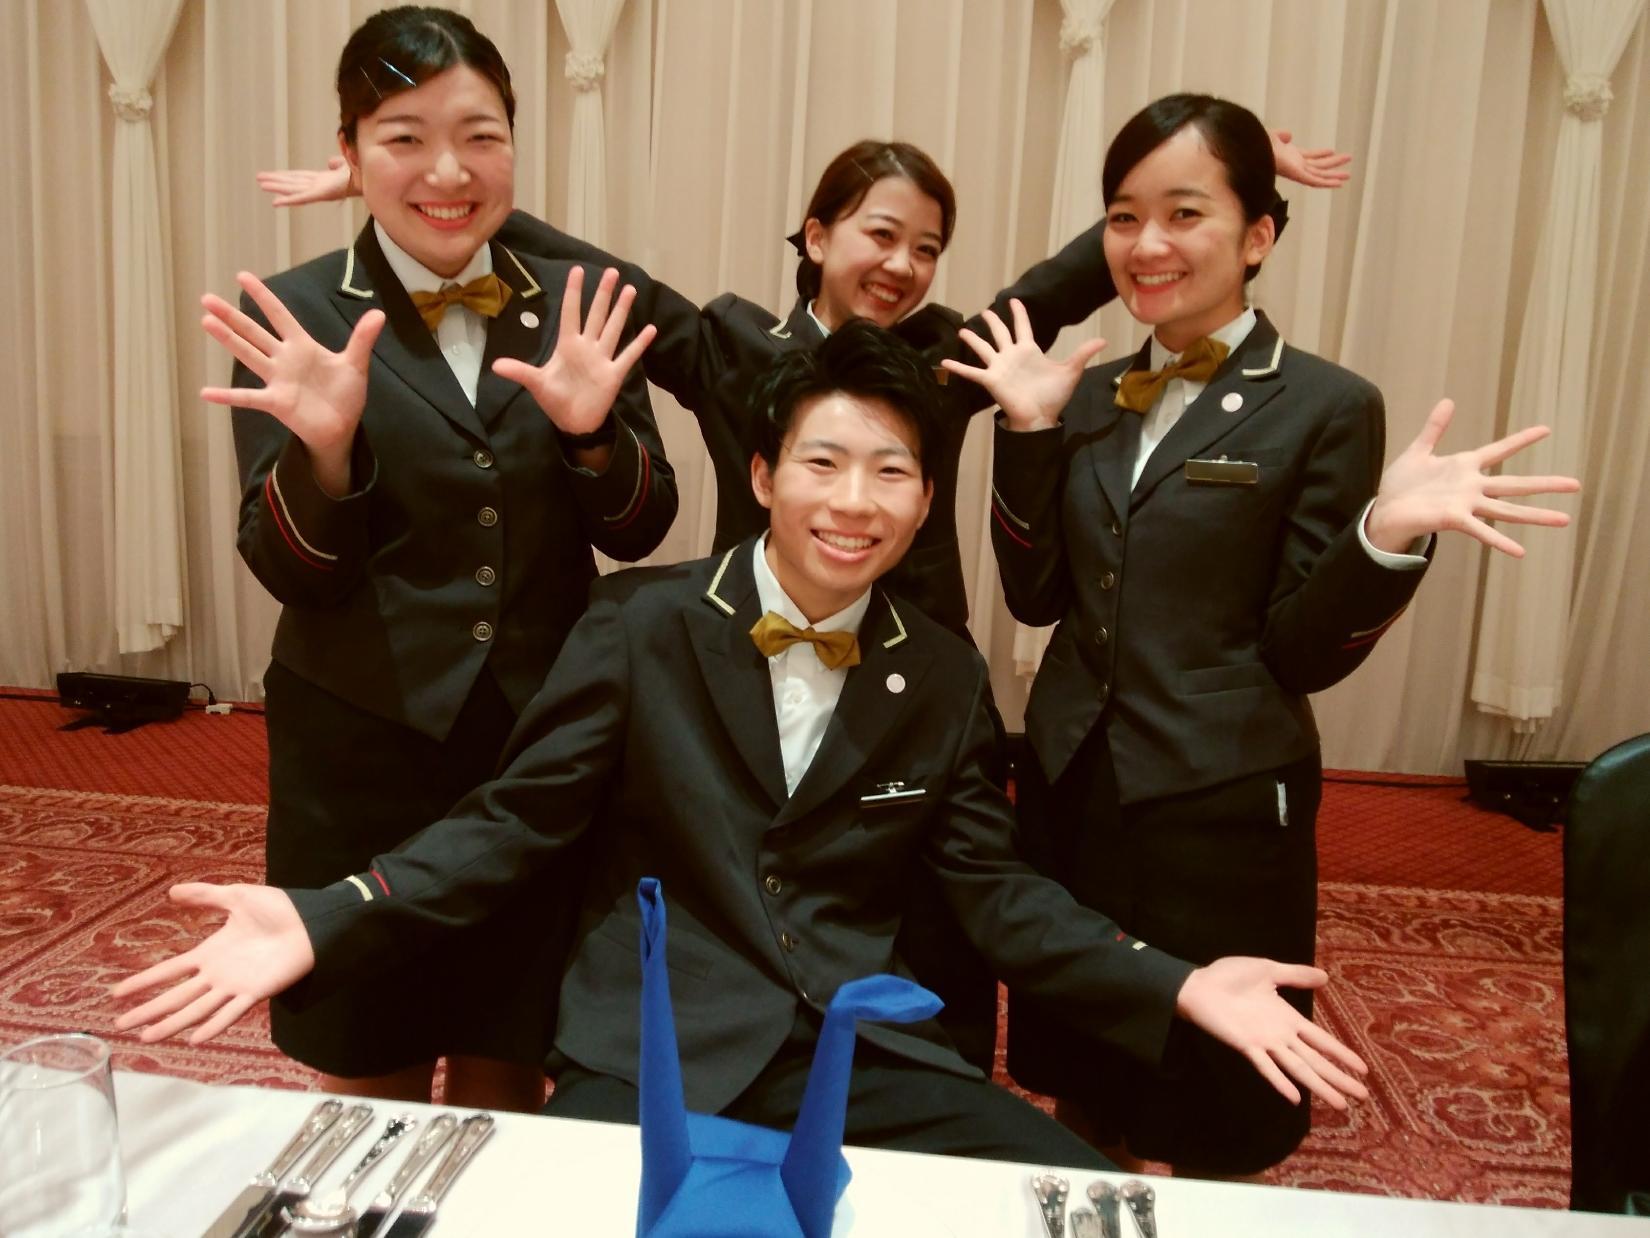 アルバイト【大学生歓迎】ブライダルホールSTAFF◆シフト登録制